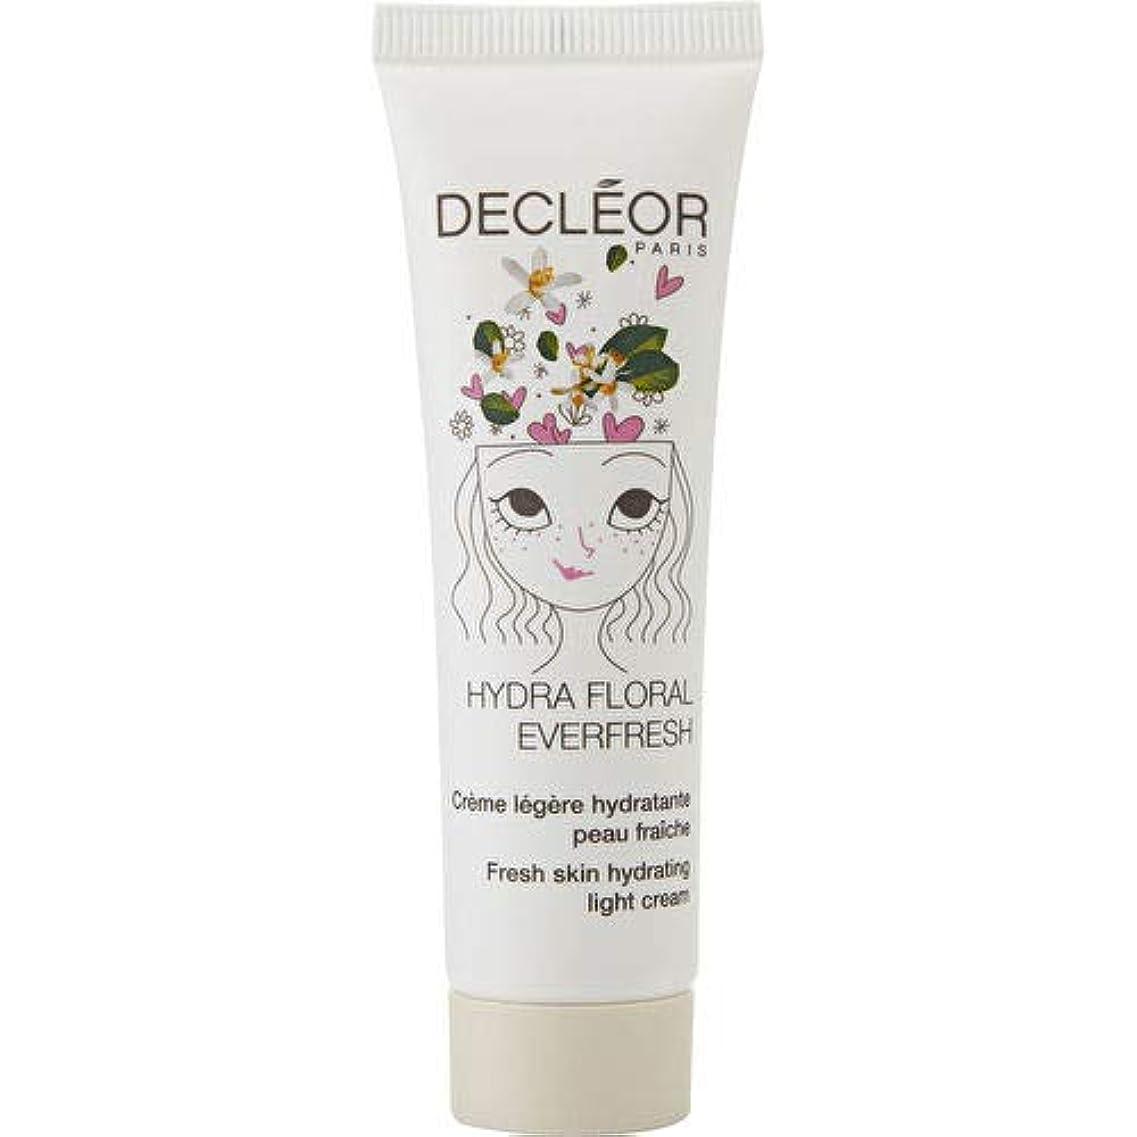 救急車若者入場料デクレオール Hydra Floral Everfresh Fresh Skin Hydrating Light Cream - For Dehydrated Skin 30ml/1oz並行輸入品